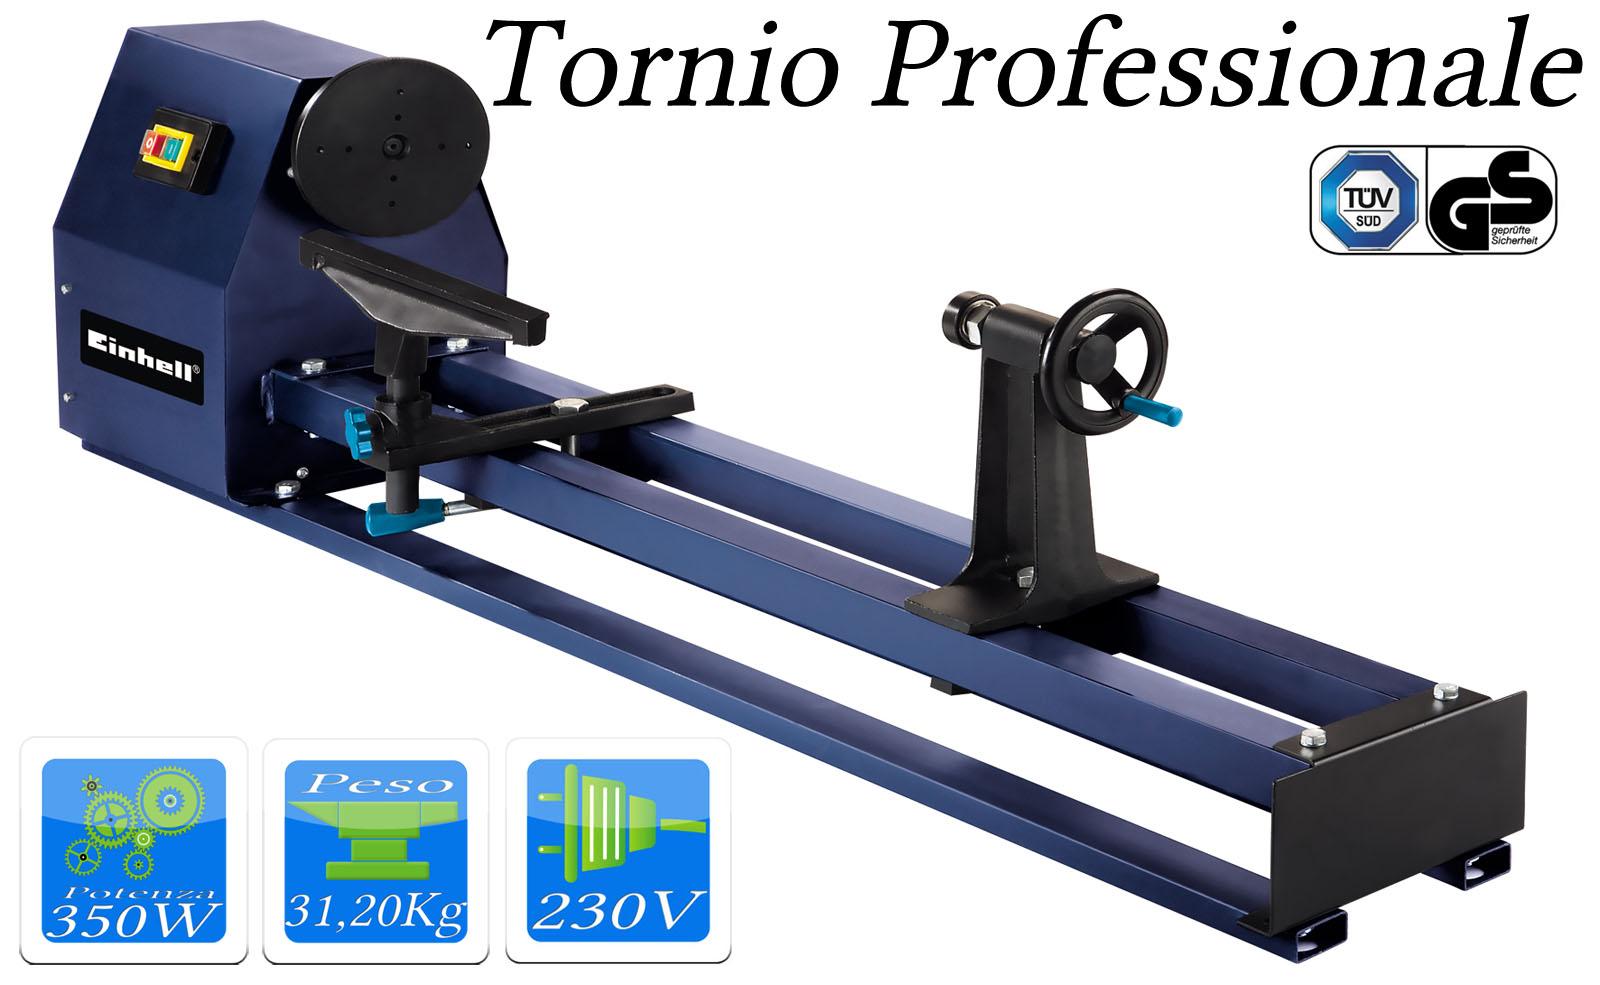 Tornio einhell per legno 350 watt 4 velocit per lavori di for Costruire un tornio per legno